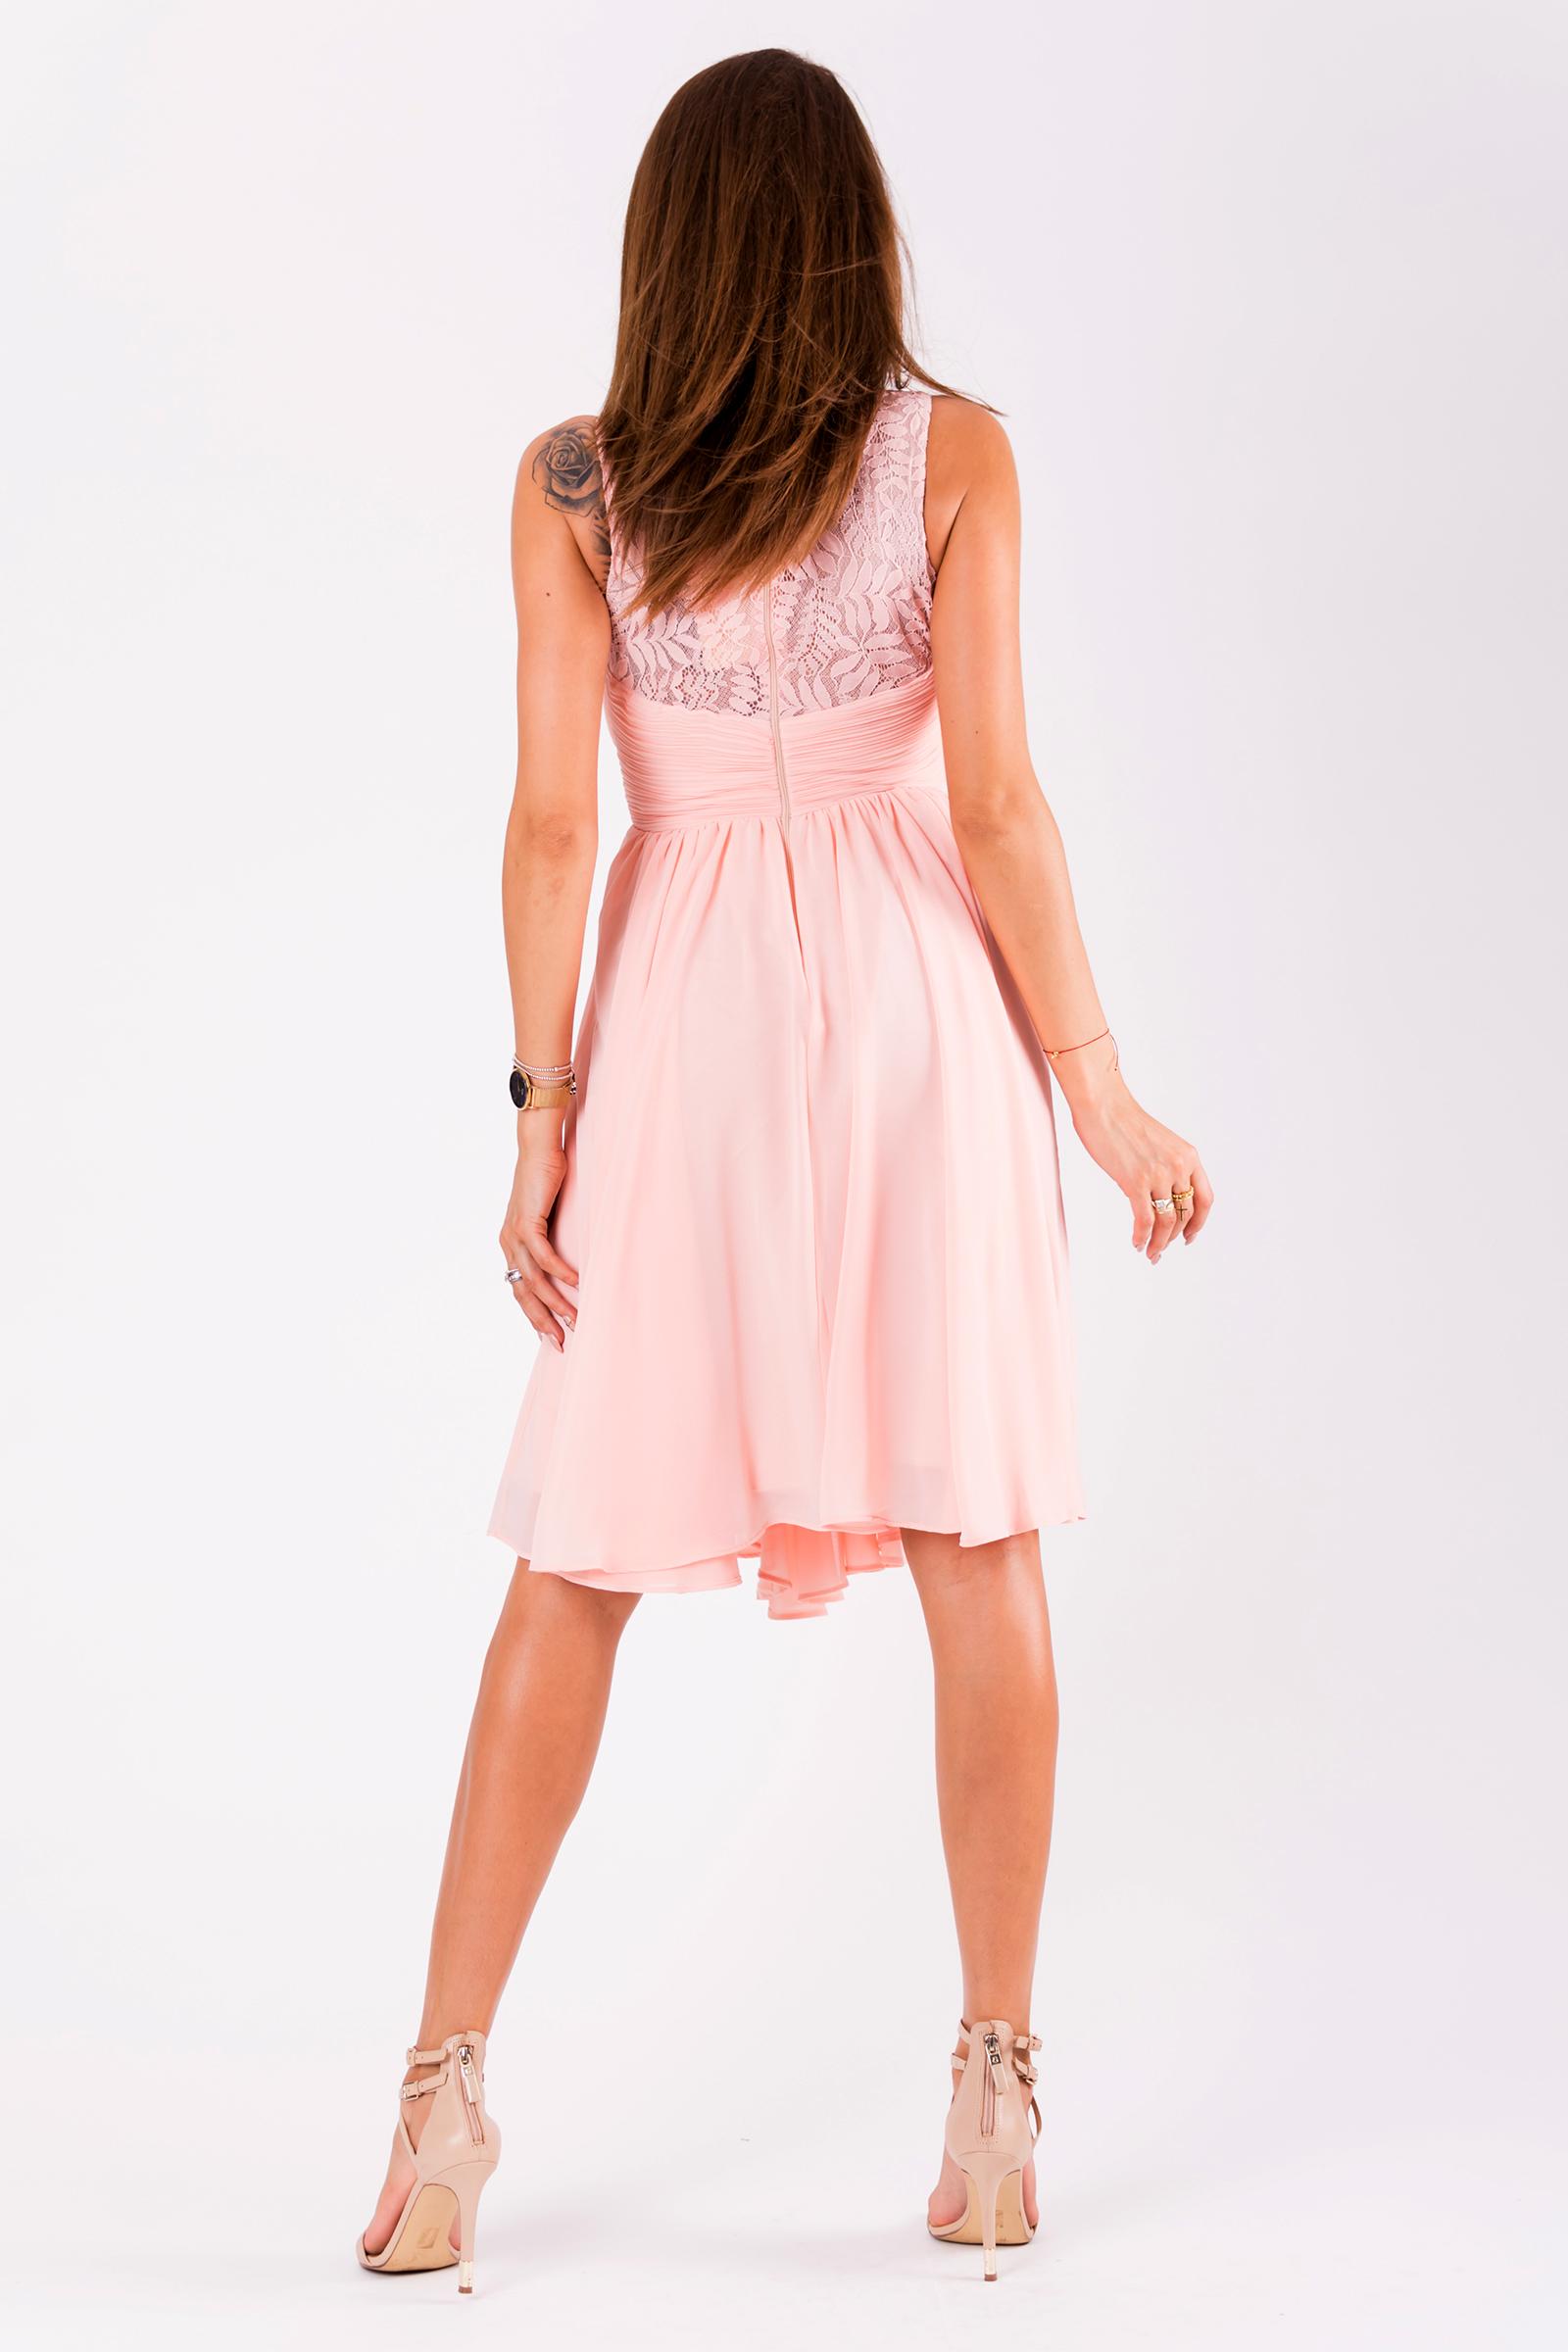 fc4f0c6af738 ... Dámské společenské šaty Louise bez rukávů s krajkou růžová empty